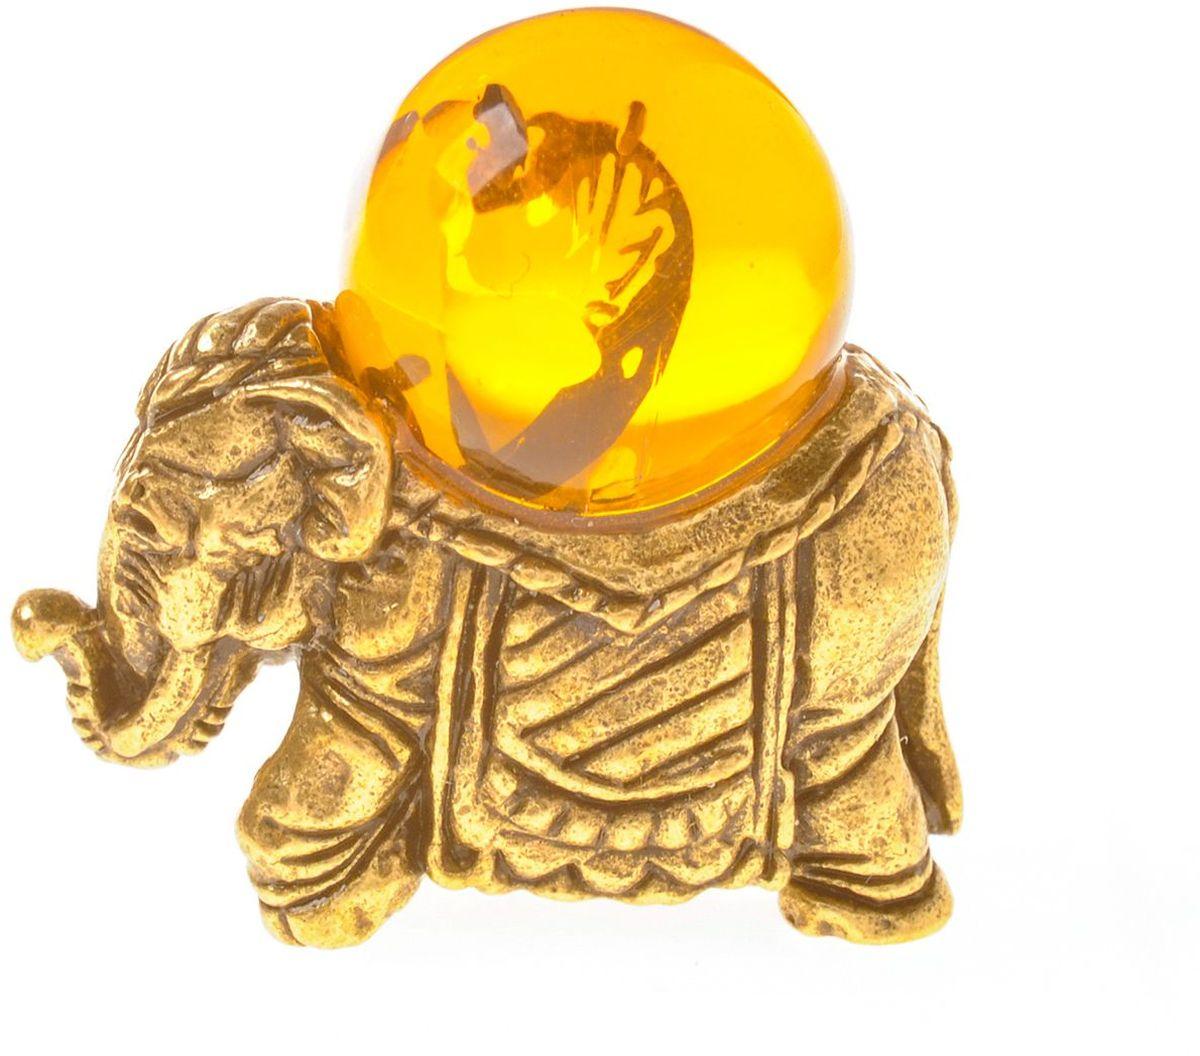 Фигурка декоративная Гифтман Слоник с шаром, материал: латунь, искусственный янтарь. Ручная работа. 5341953419Фигурка на янтаре.